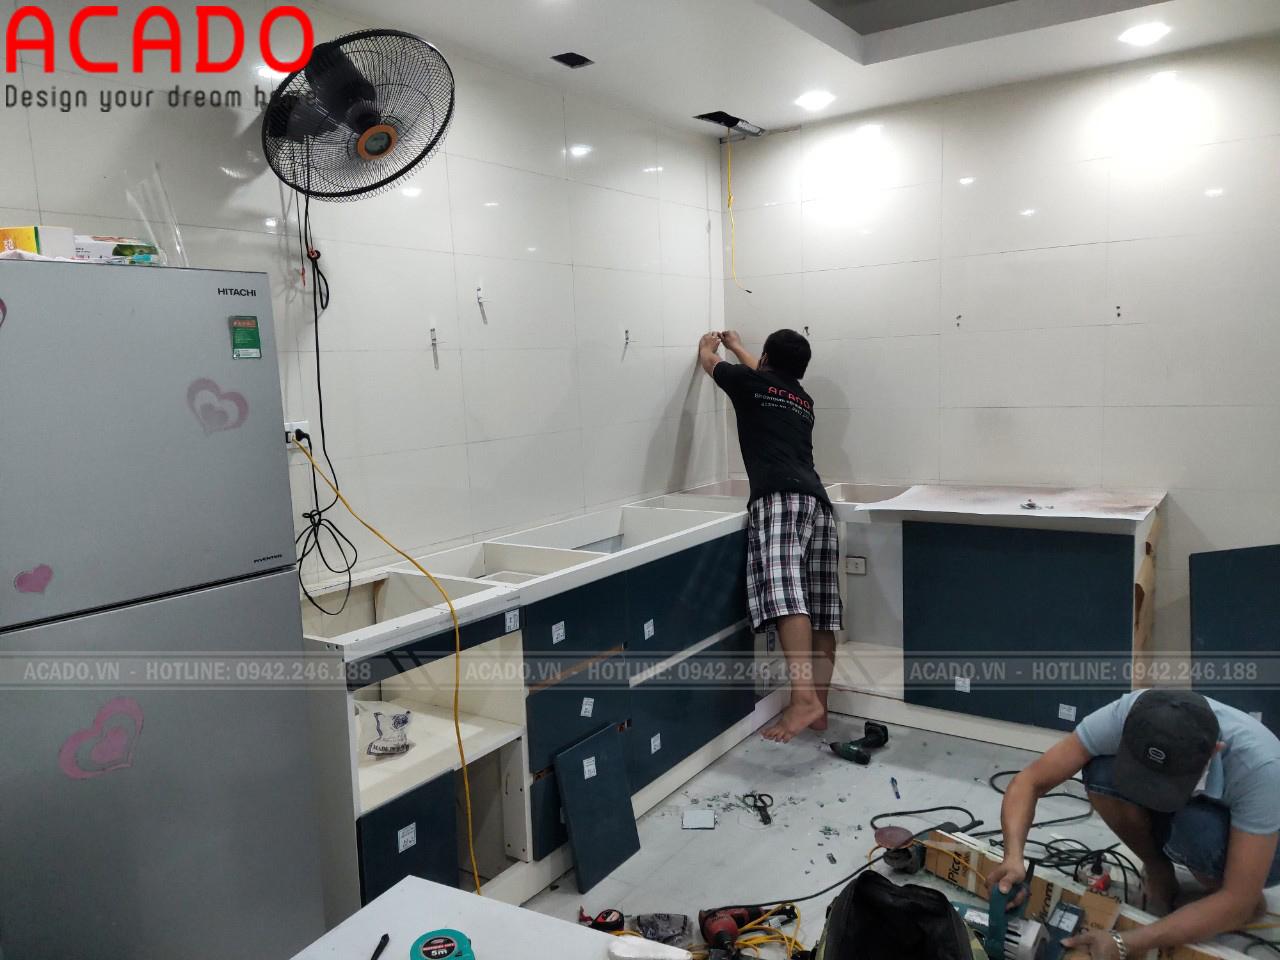 Thợ thi công vận chuyển và bắt đầu quá trình thi công tủ bếp gia đình anh Hoàn